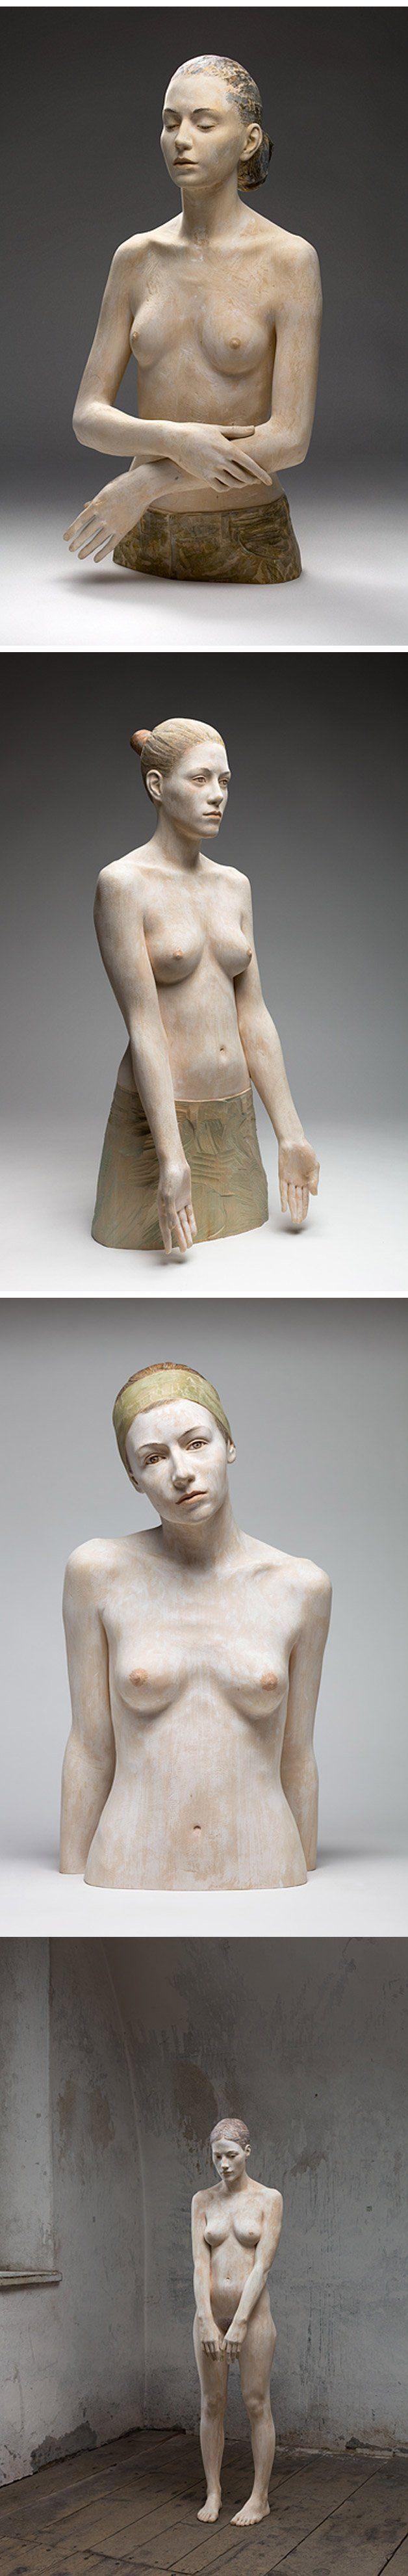 O trabalho do artista italiano Bruno Walpoth é de cair o queixo com seu hiper-realismo em esculturas de madeira com uma noção de anatomia assustadora.